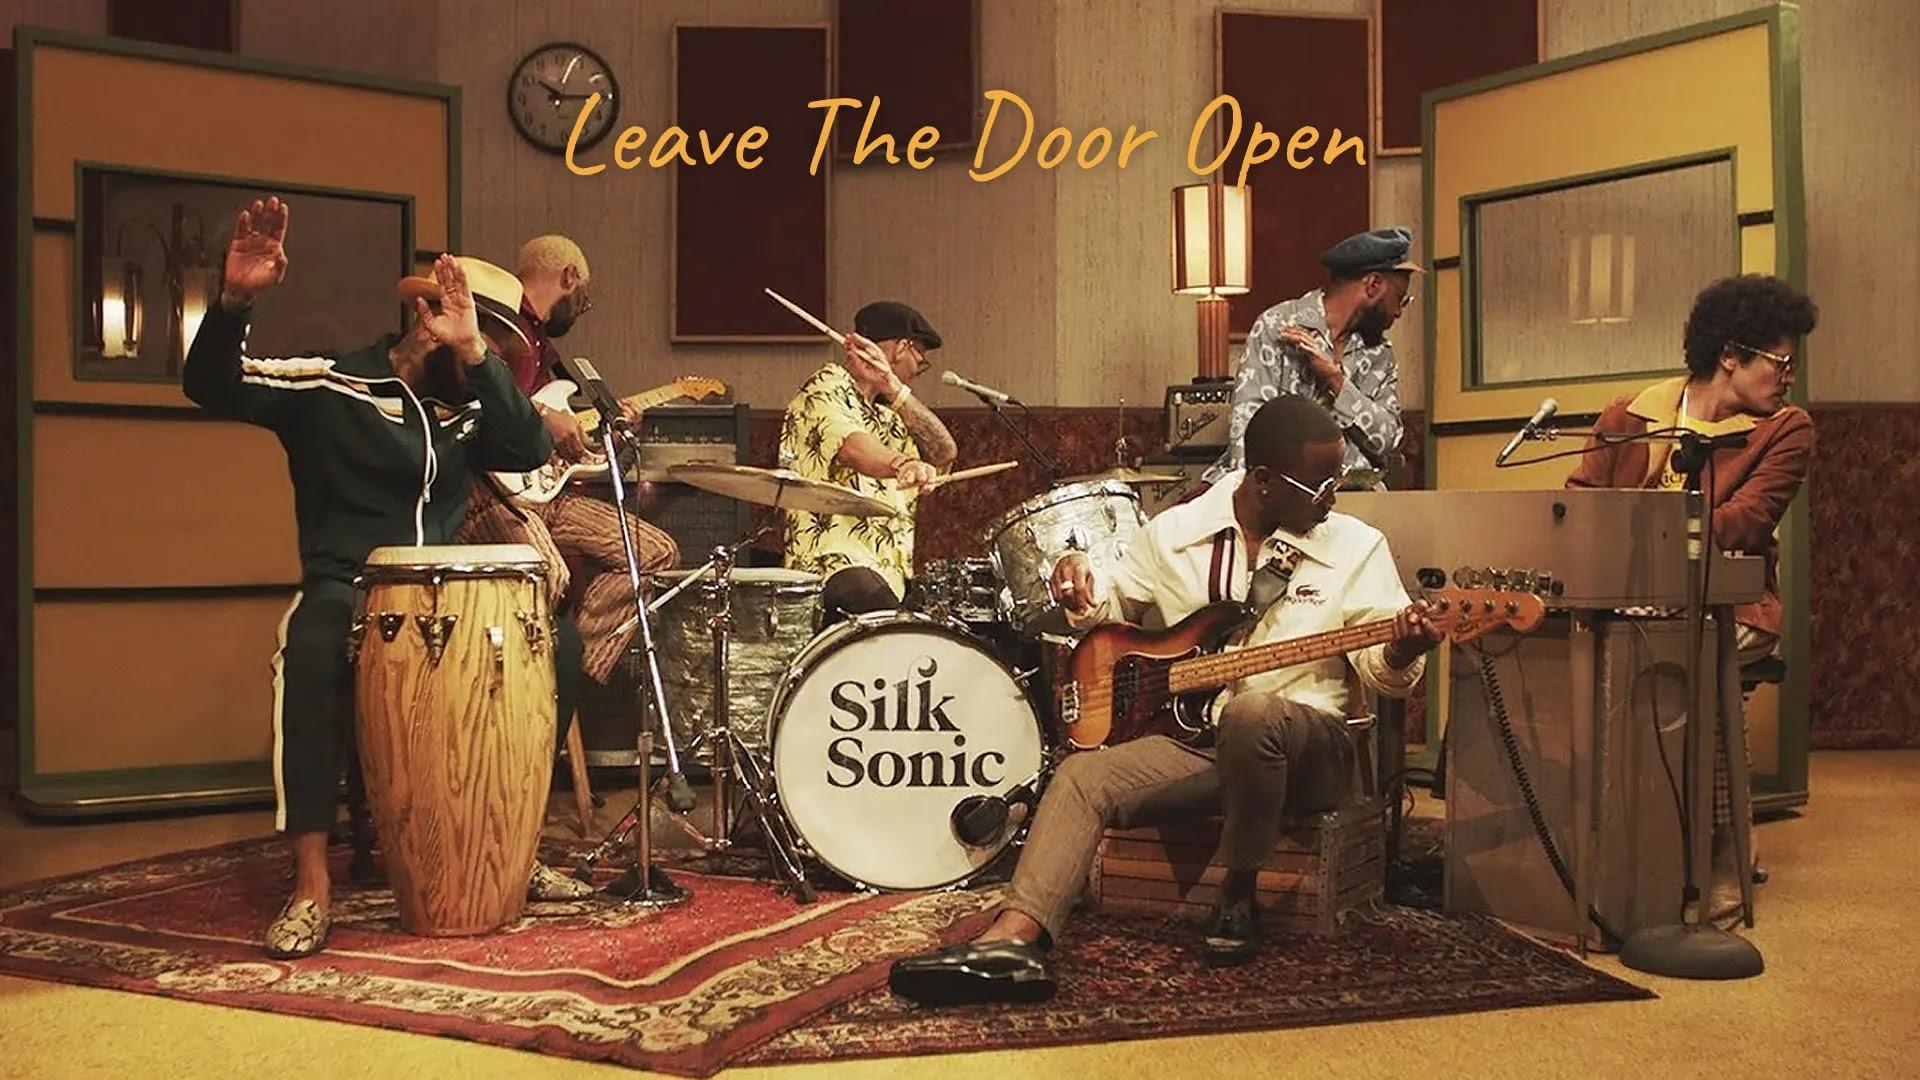 Leave The Door Open - Silk Sonic